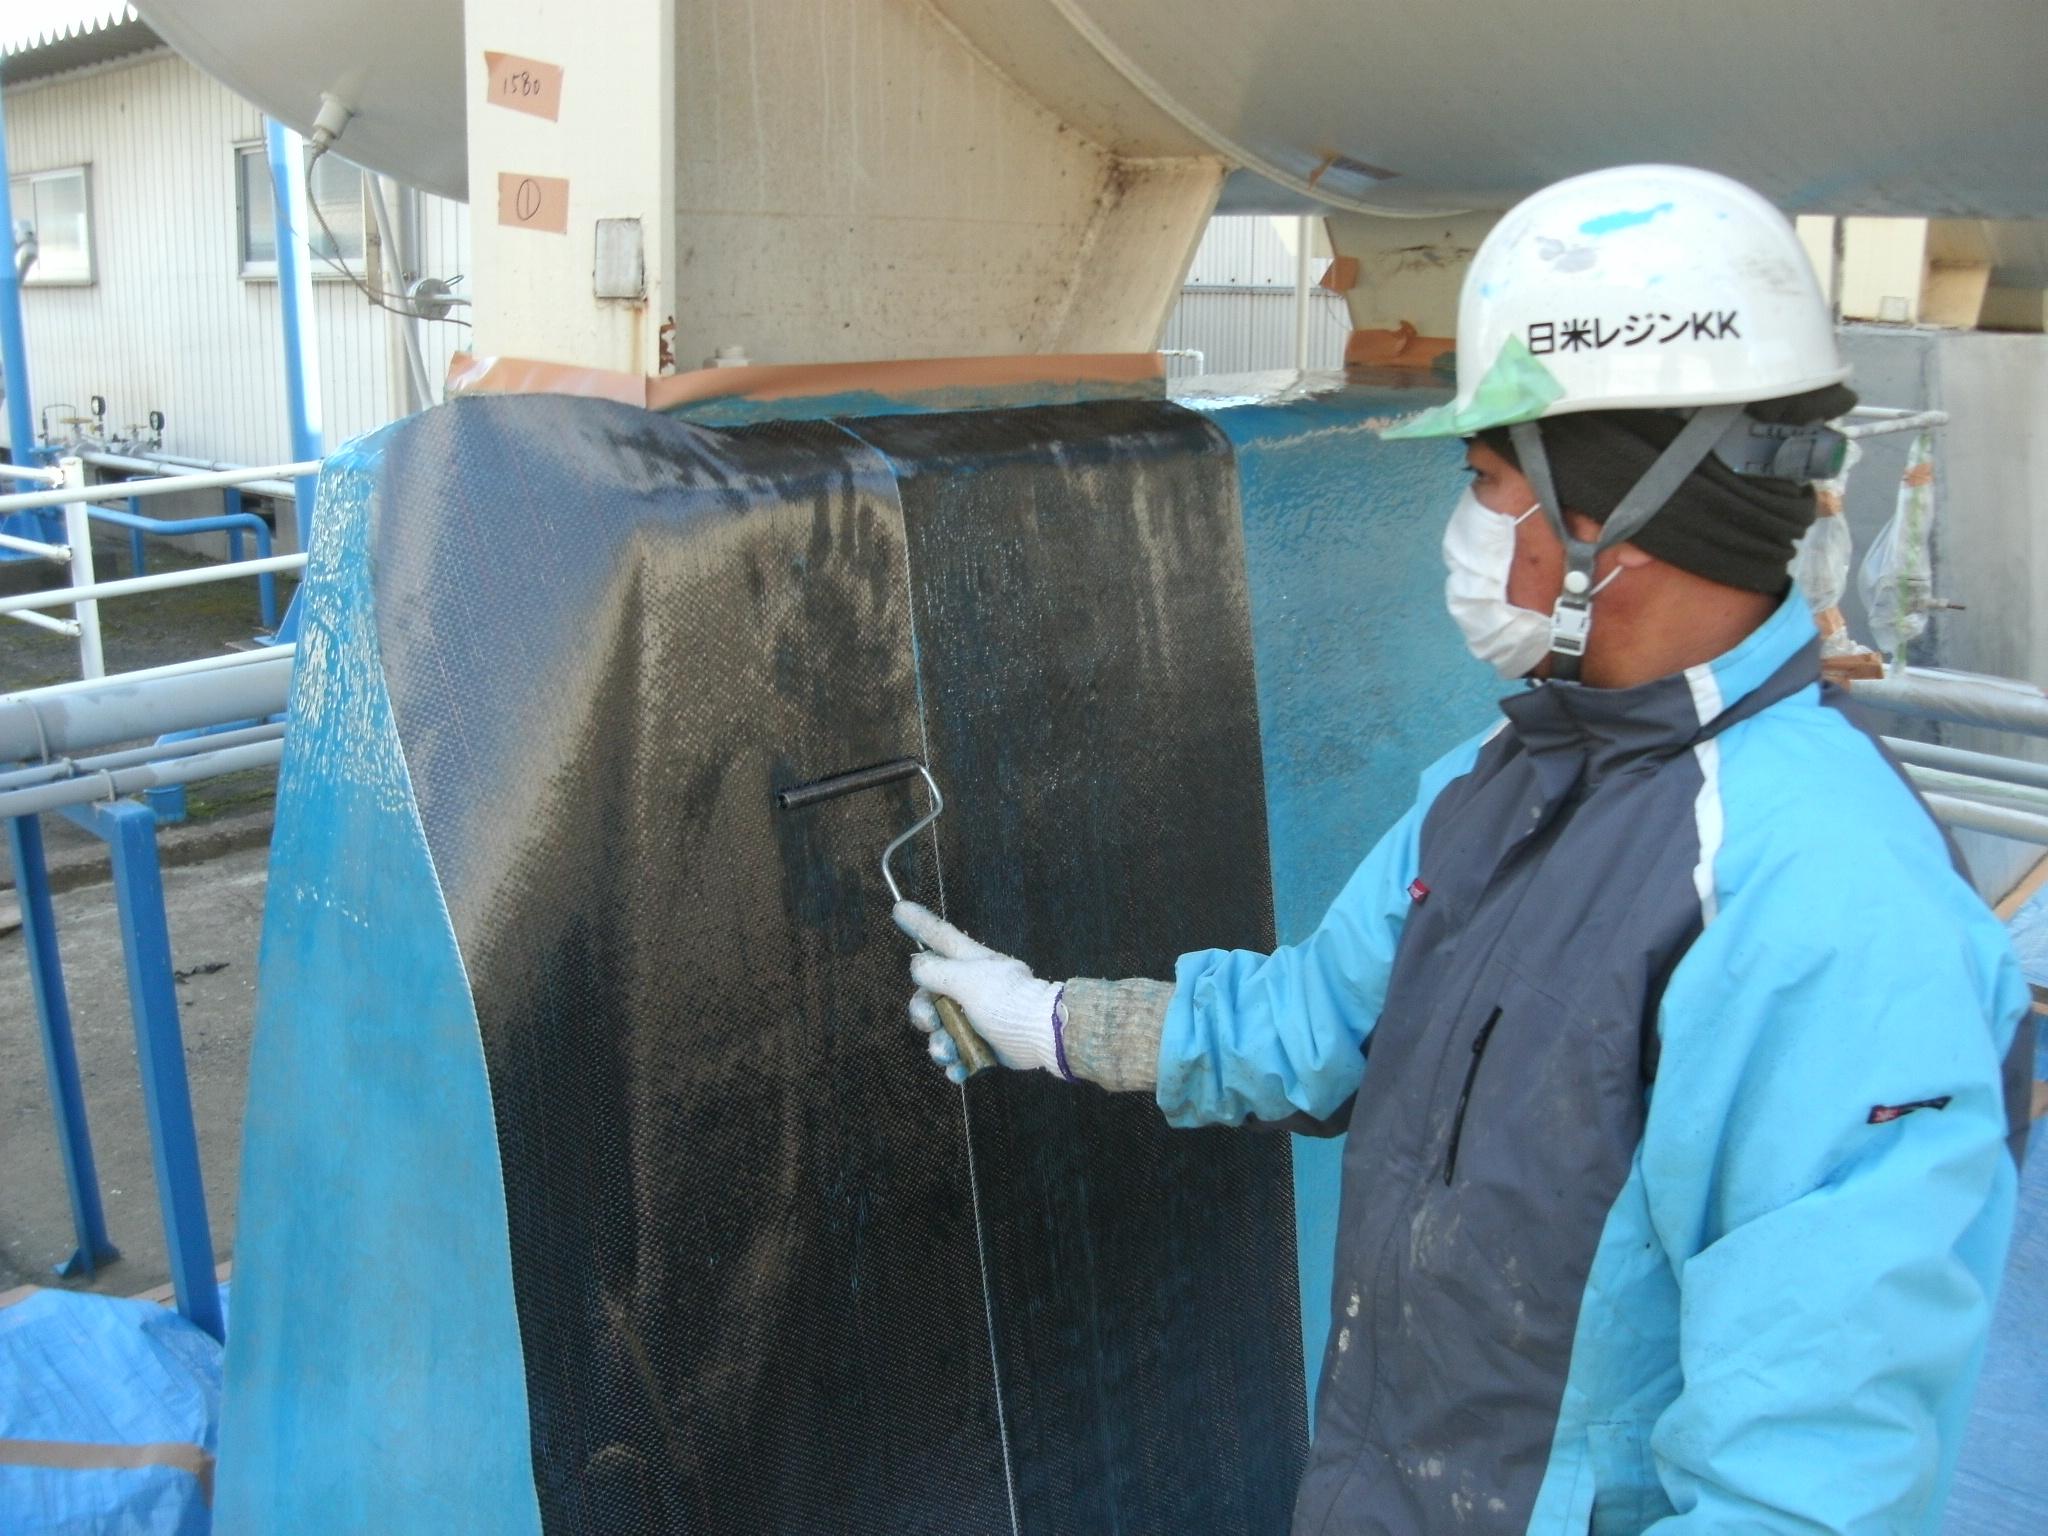 枕タンク基礎補修工事